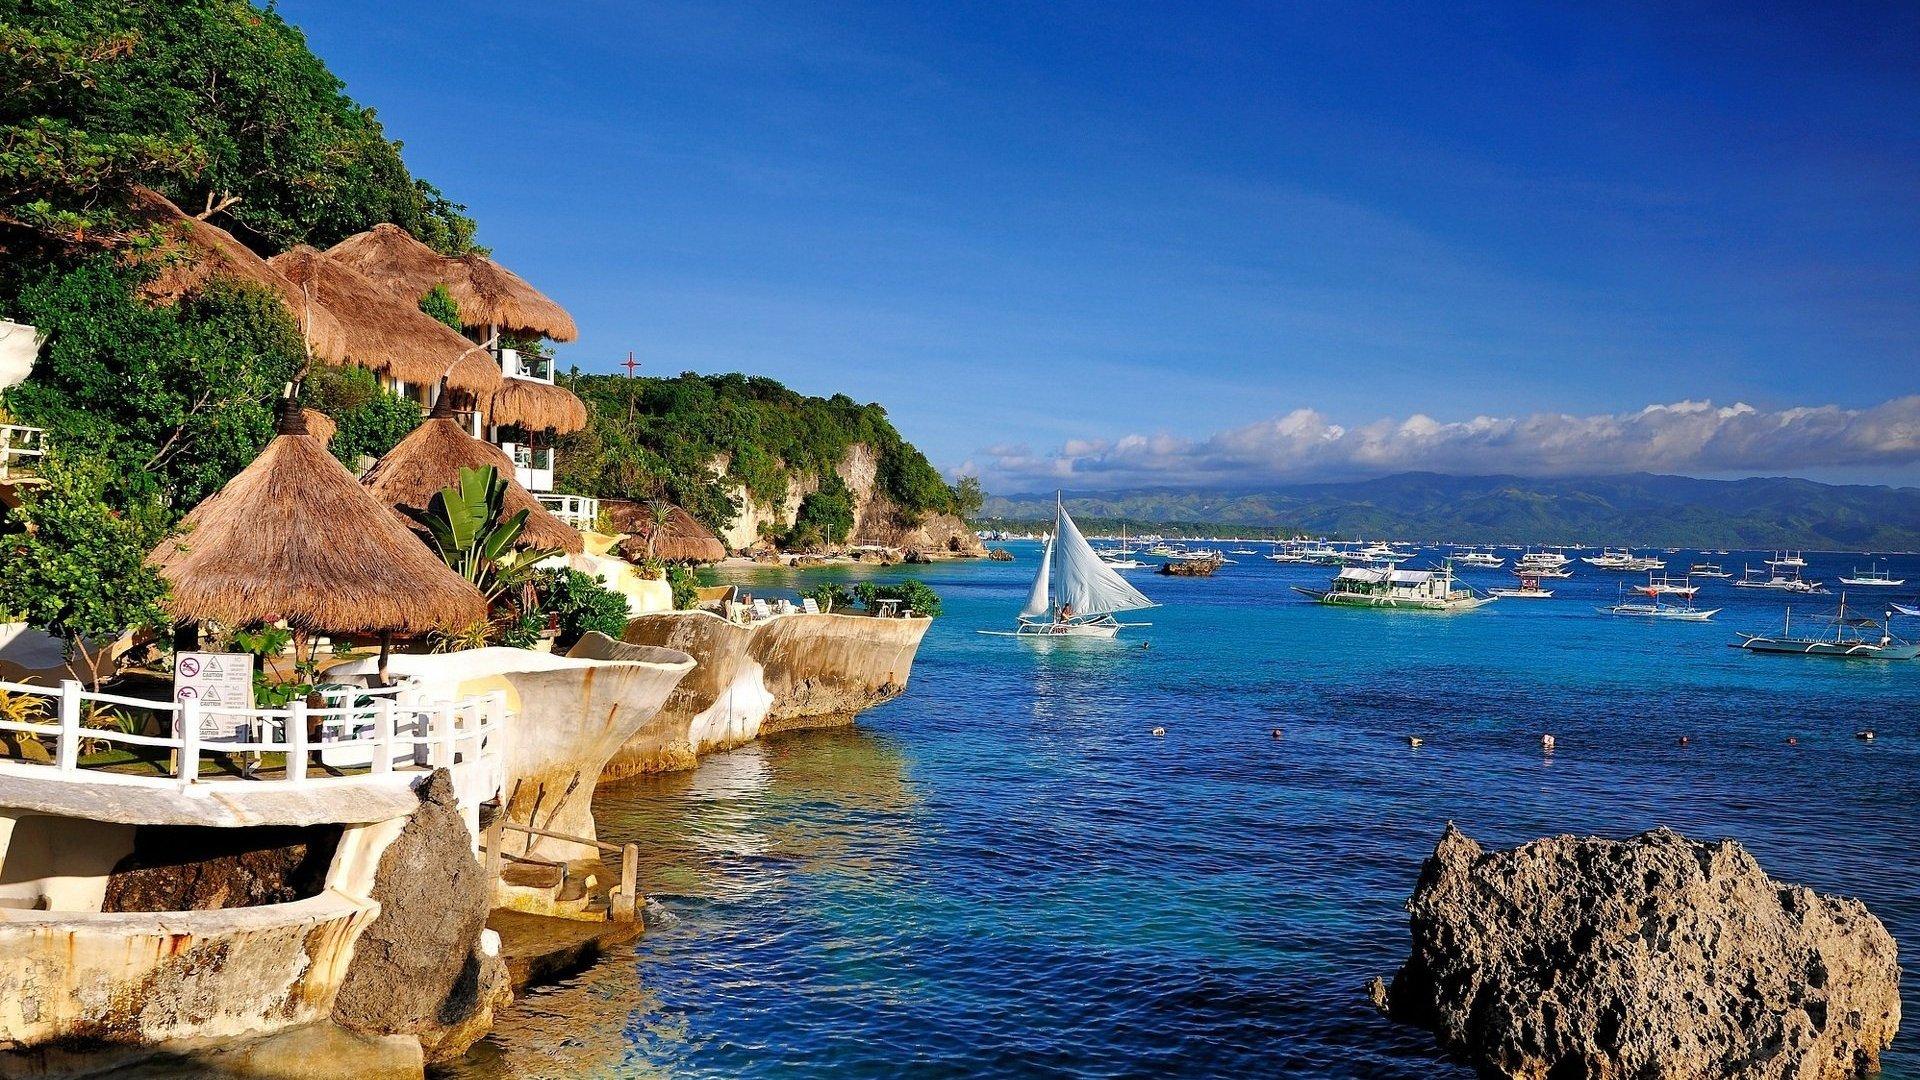 проявленные фото красивые пейзажи курортов турции башня цифрах вид